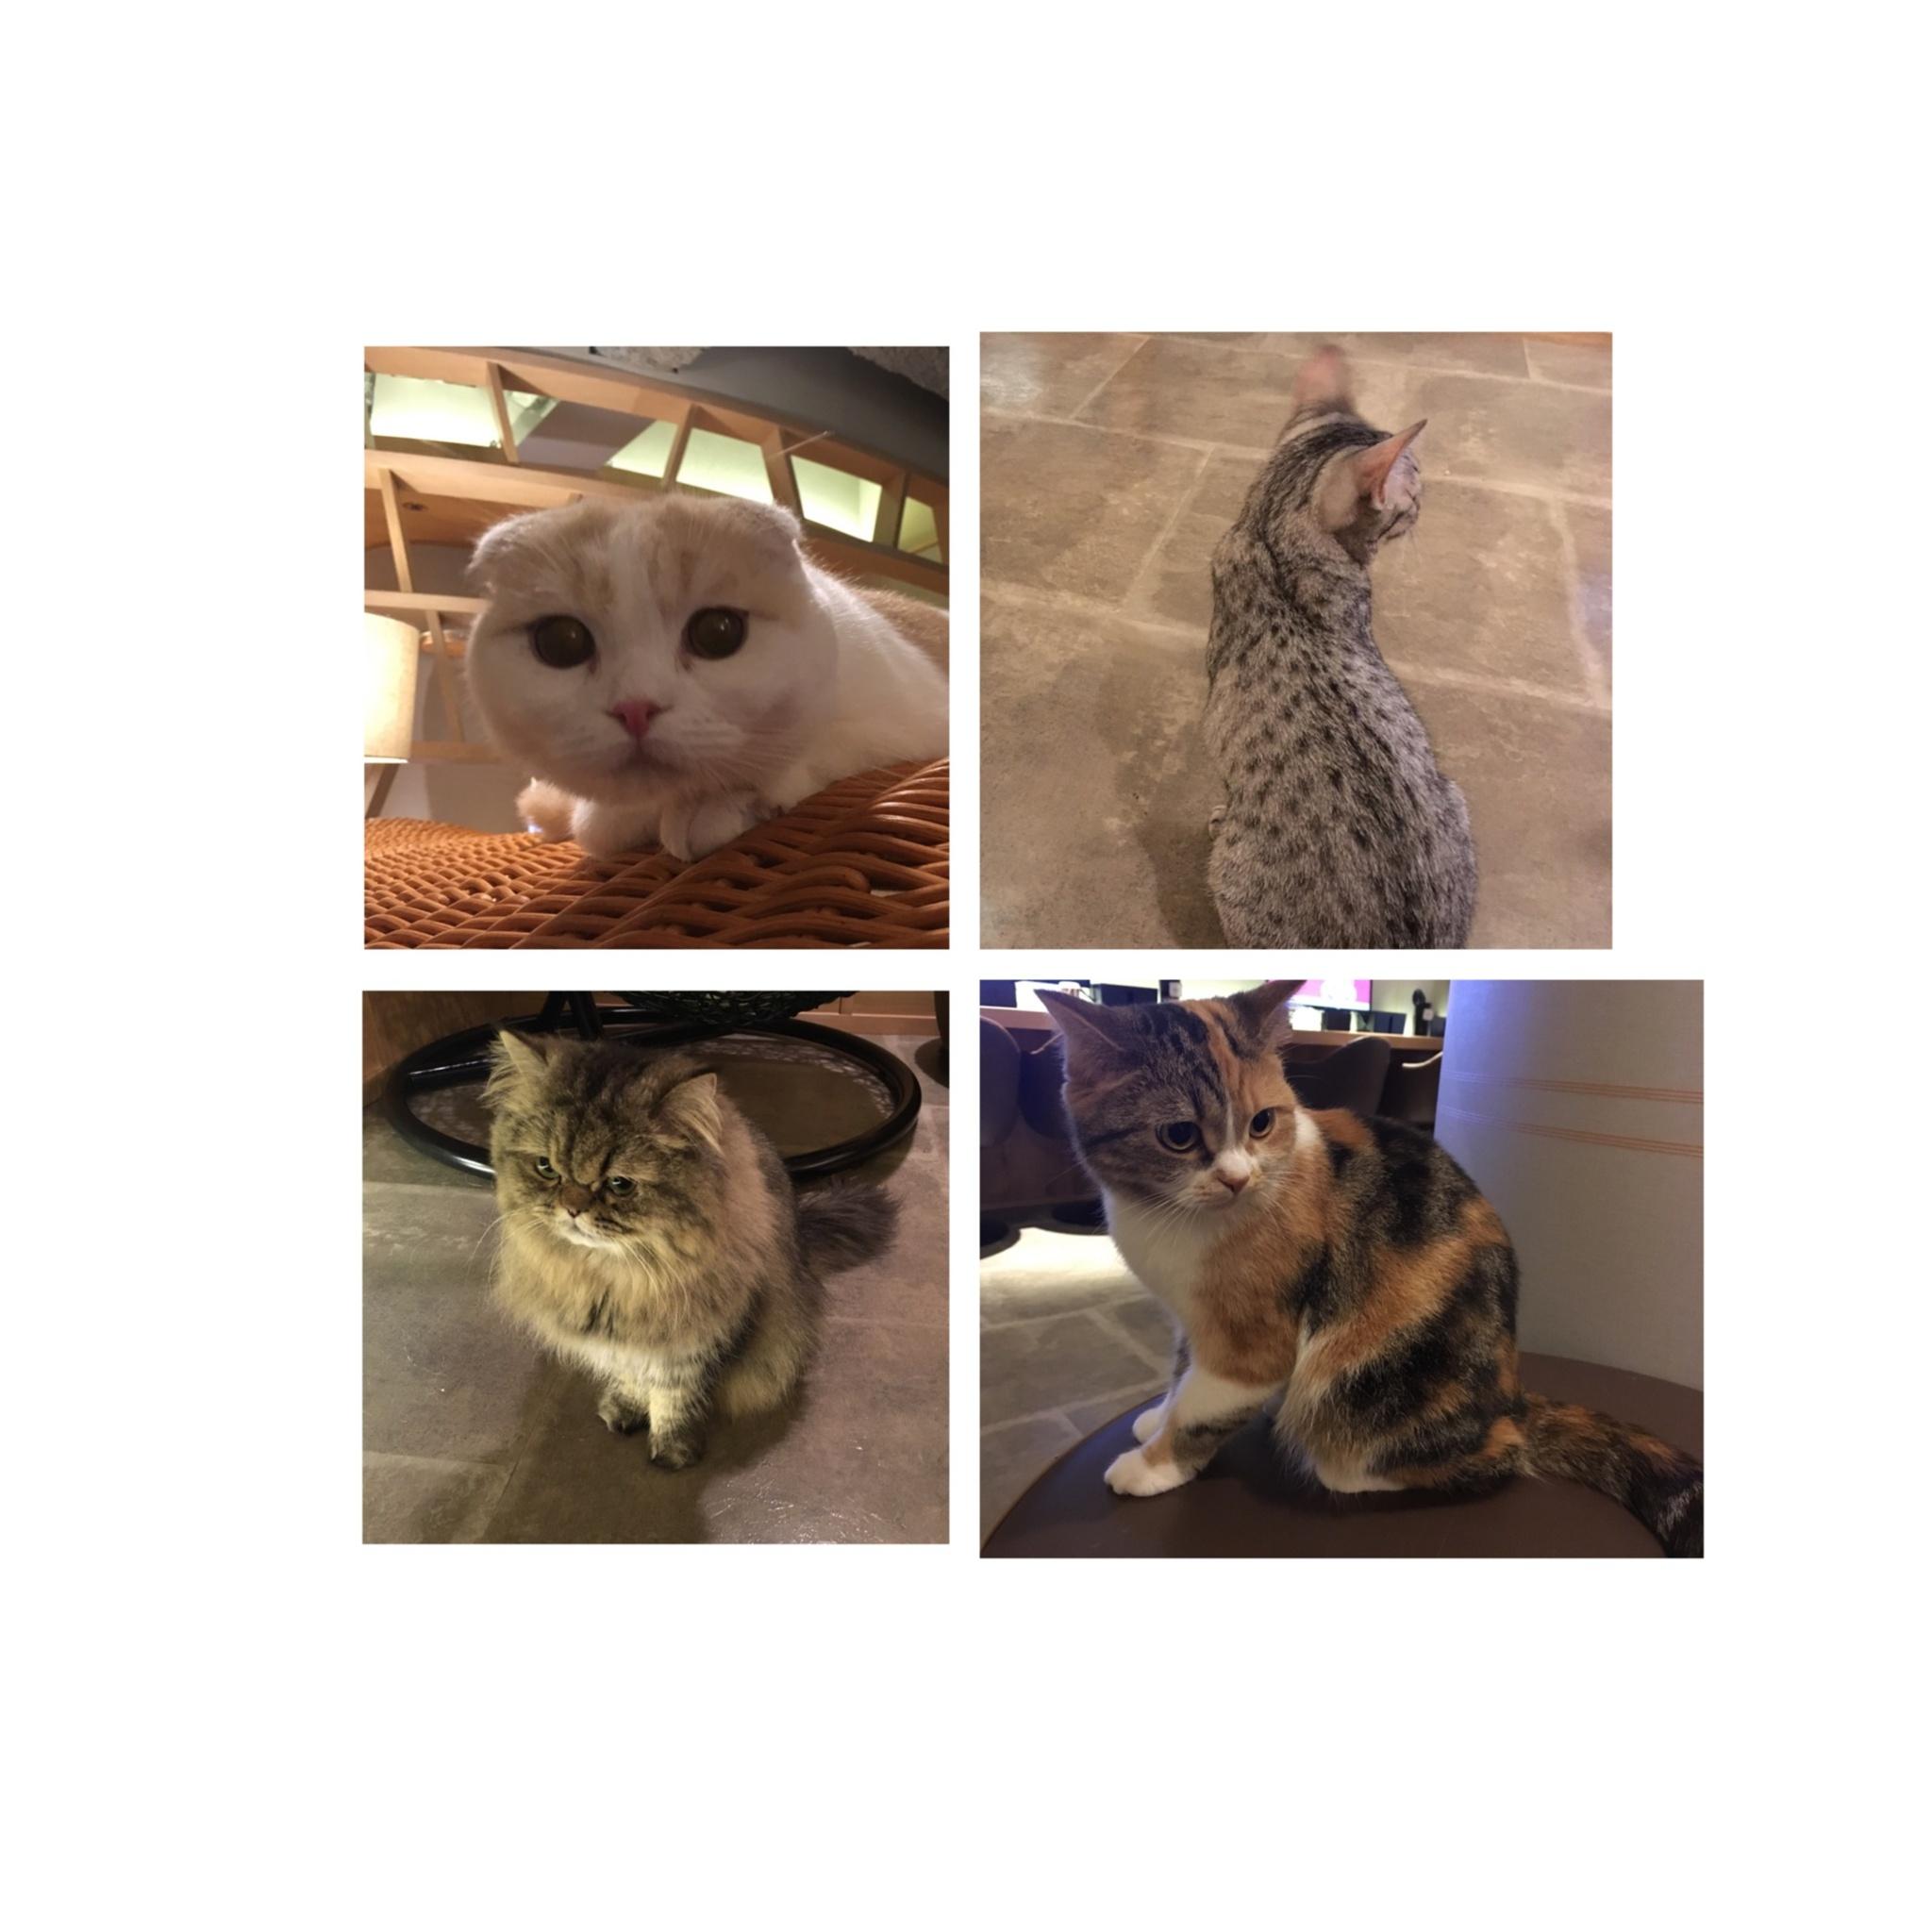 【GWはここで決まり!】日本最大級の猫カフェが新宿に⁈オシャレなラウンジカフェで可愛い猫たちに癒される!_10